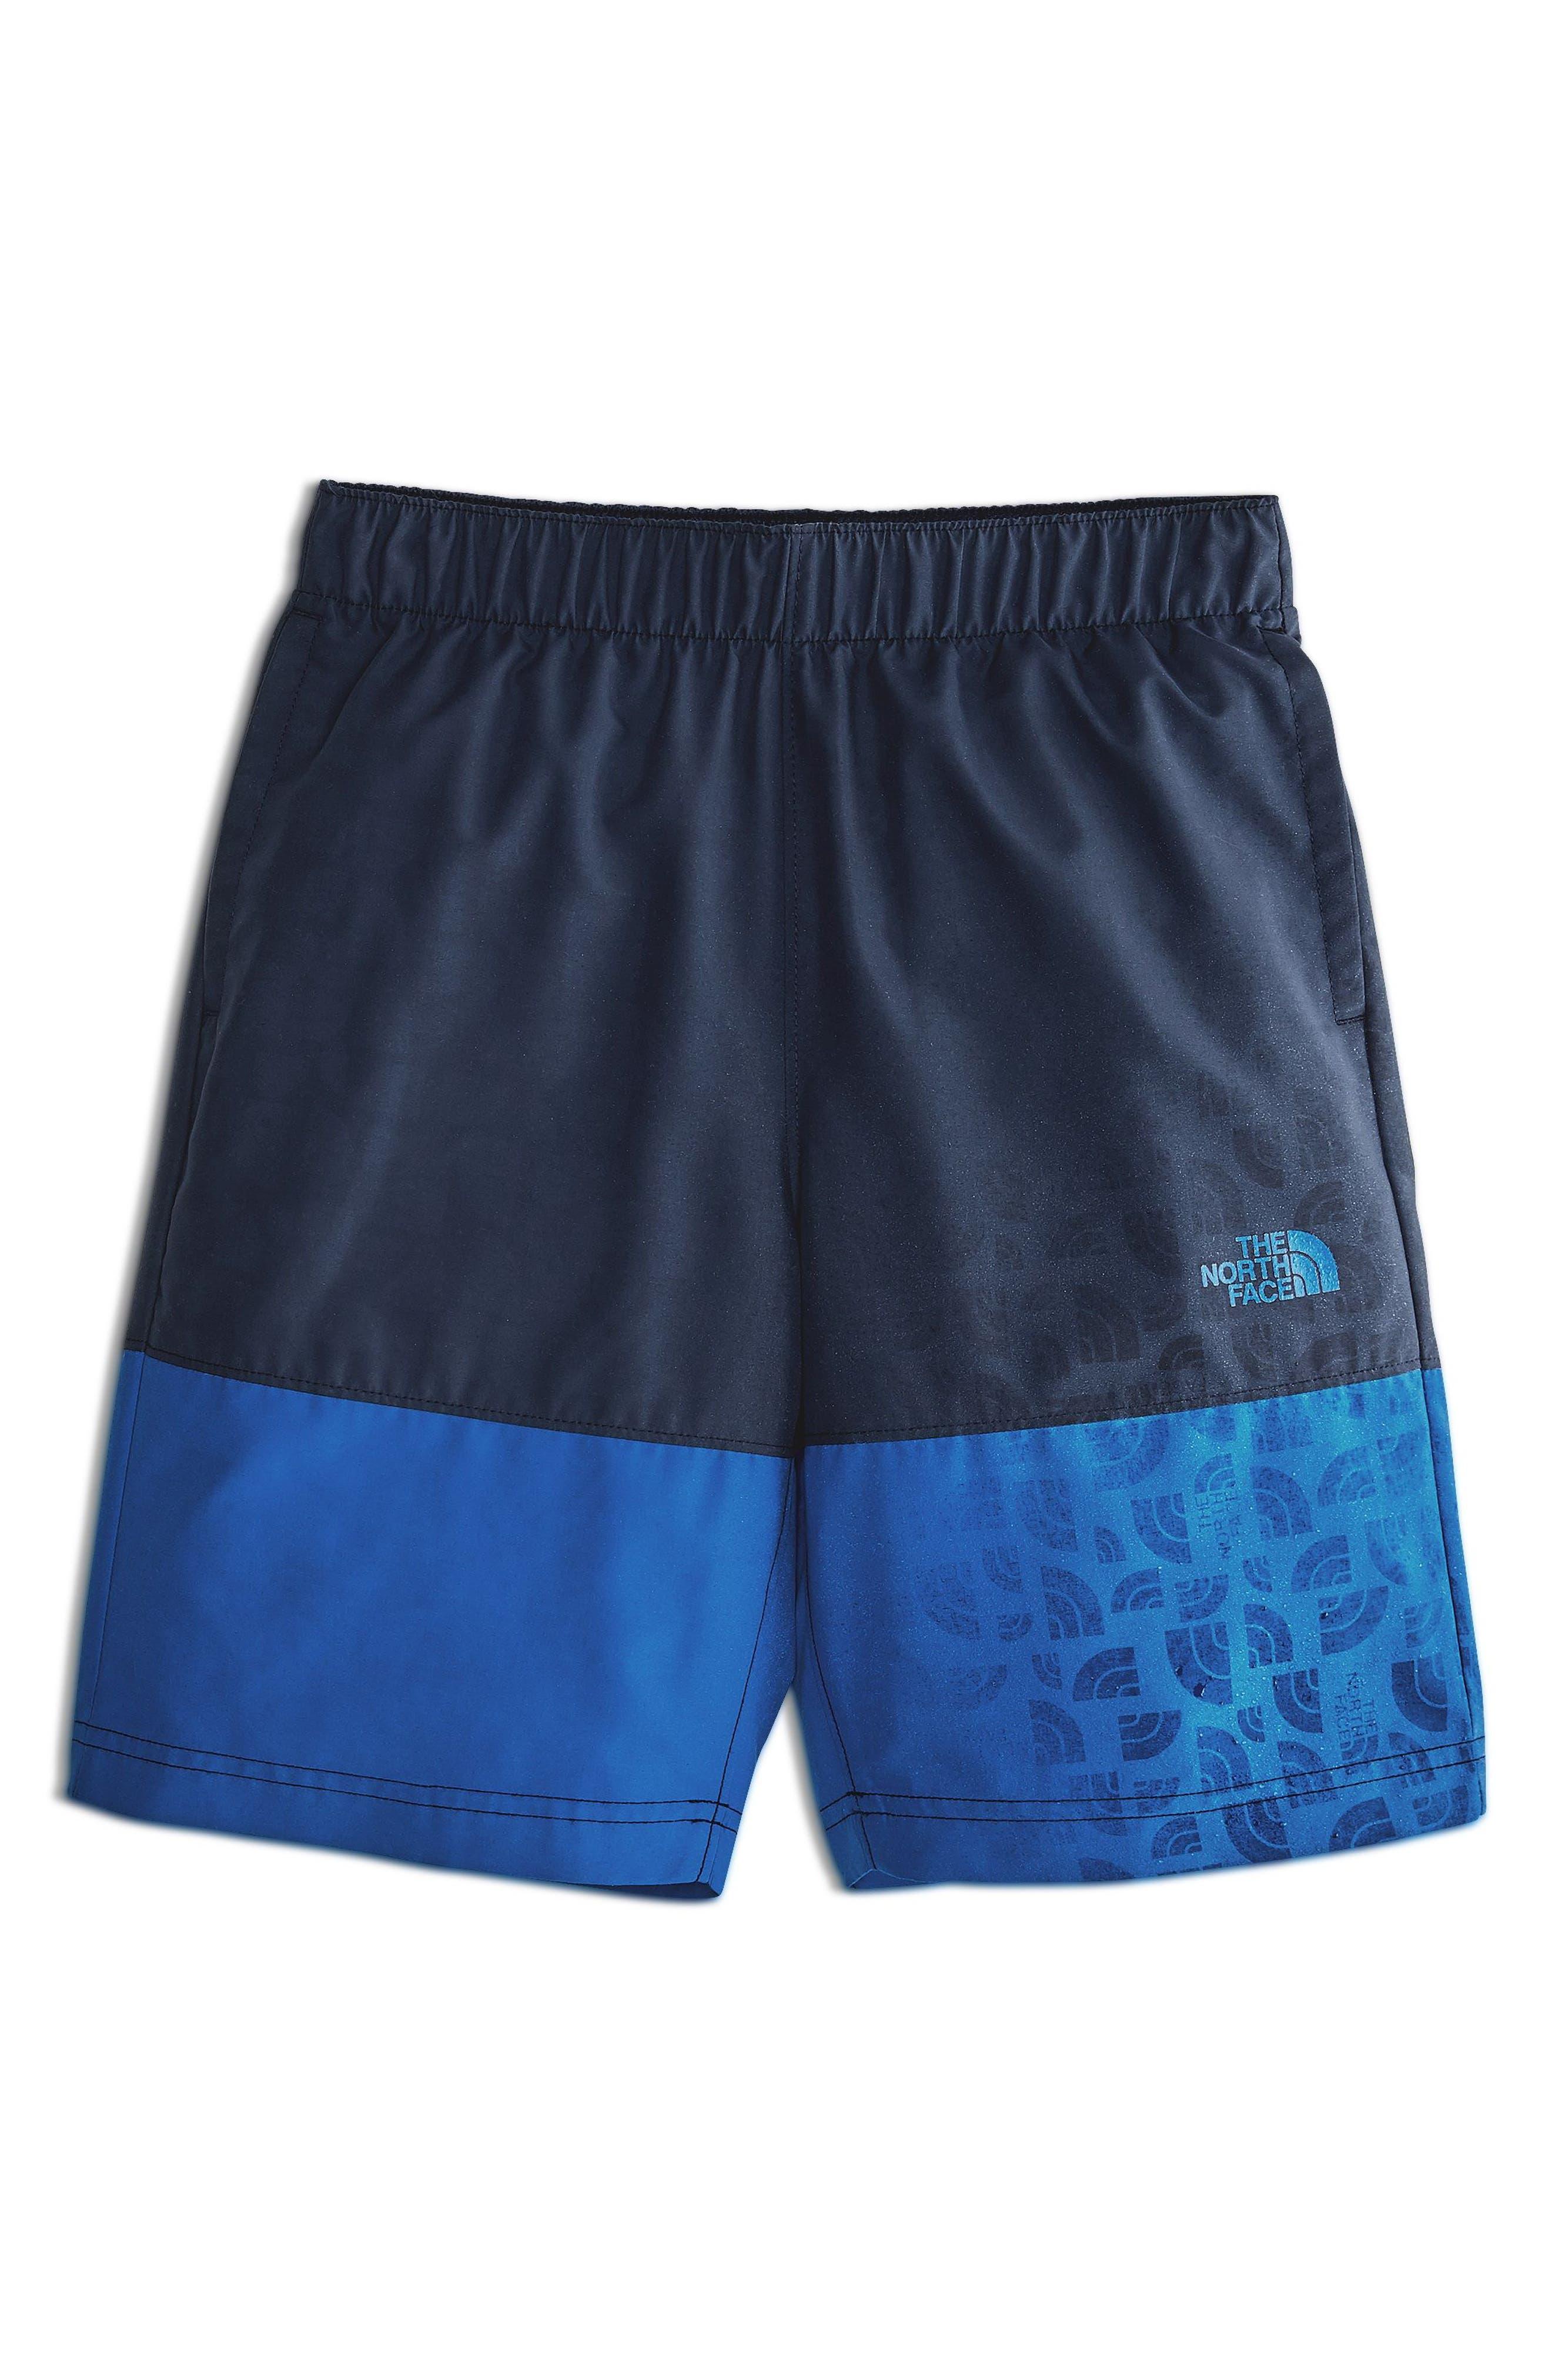 Swim Shorts,                             Main thumbnail 1, color,                             401